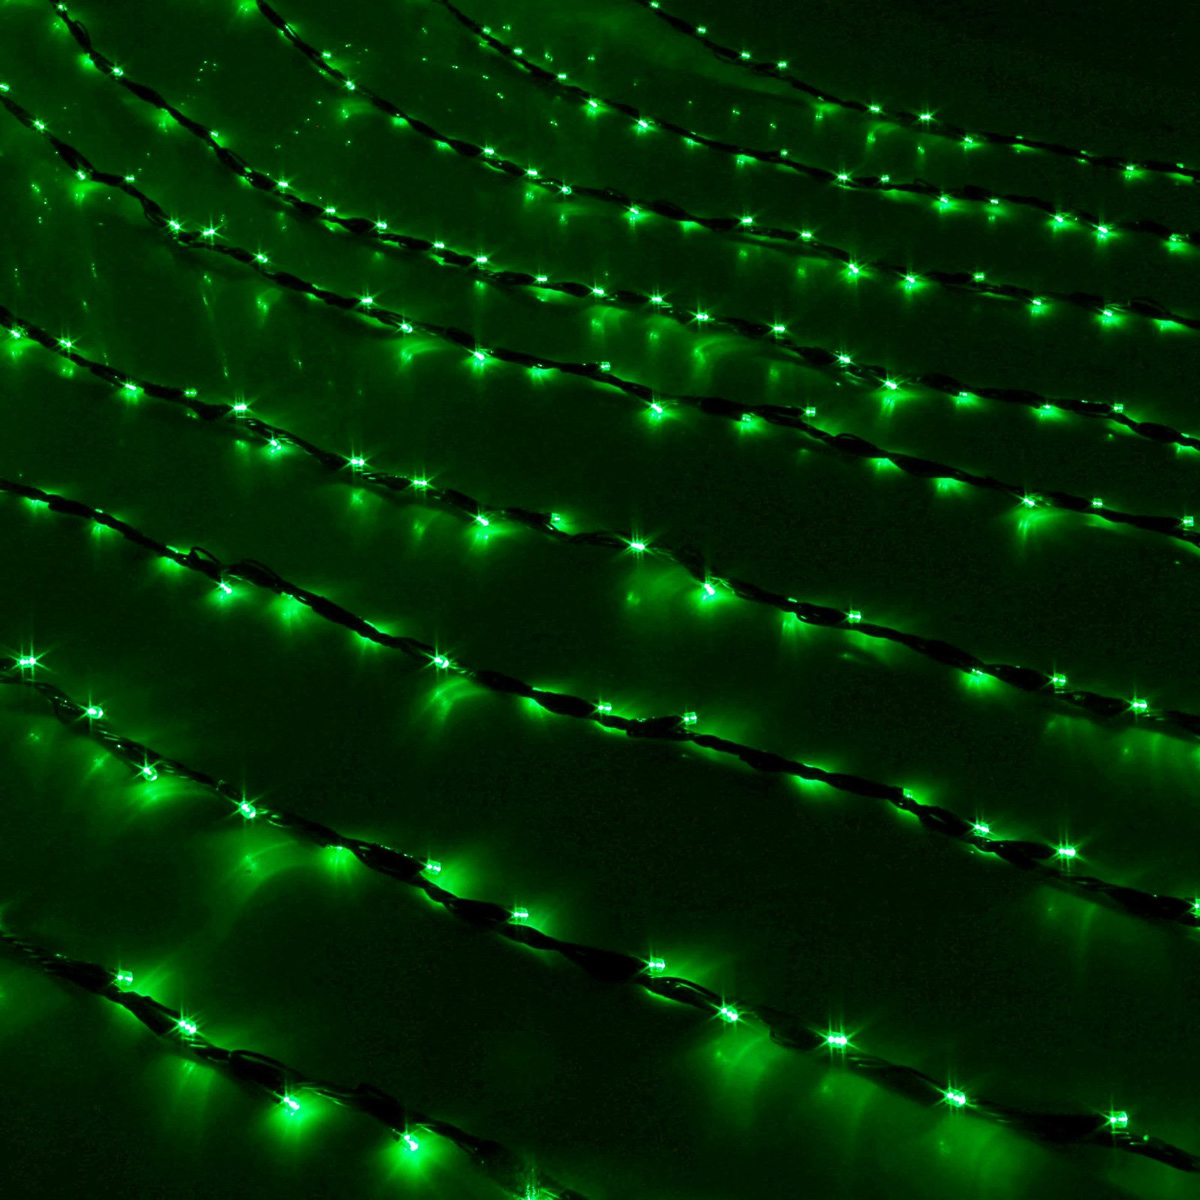 Гирлянда светодиодная Luazon Дождь, уличная, 8 режимов, 800 ламп, 220 V, цвет: зеленый, 2 х 3 м. 187302187302Светодиодные гирлянды, ленты и т.д — это отличный вариант для новогоднего оформления интерьера или фасада. С их помощью помещение любого размера можно превратить в праздничный зал, а внешние элементы зданий, украшенные ими, мгновенно станут напоминать очертания сказочного дворца. Такие украшения создают ауру предвкушения чуда. Деревья, фасады, витрины, окна и арки будто специально созданы, чтобы вы украсили их светящимися нитями.